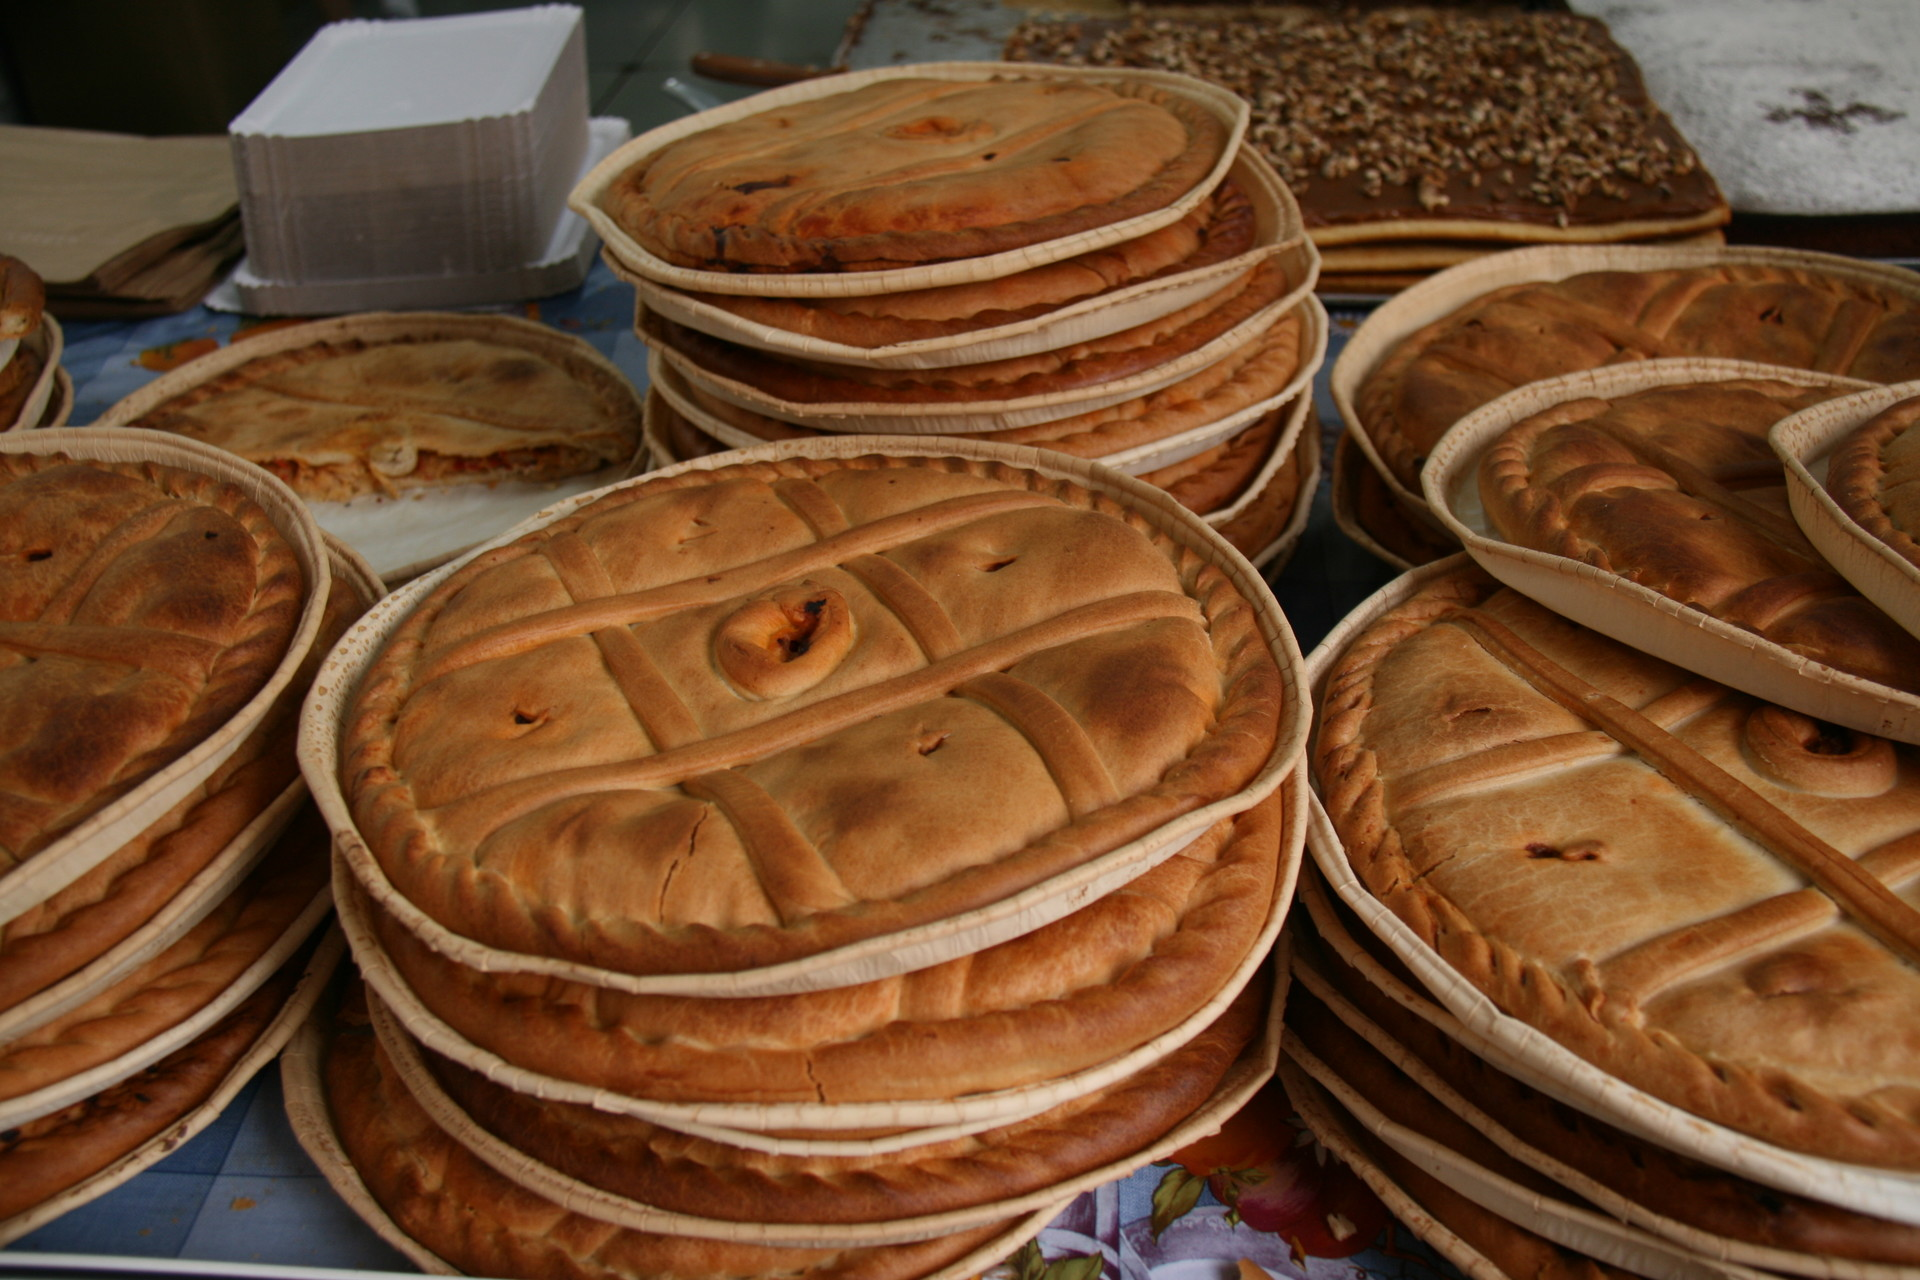 spanish-cuisine-6-empanadas-e3917642c847